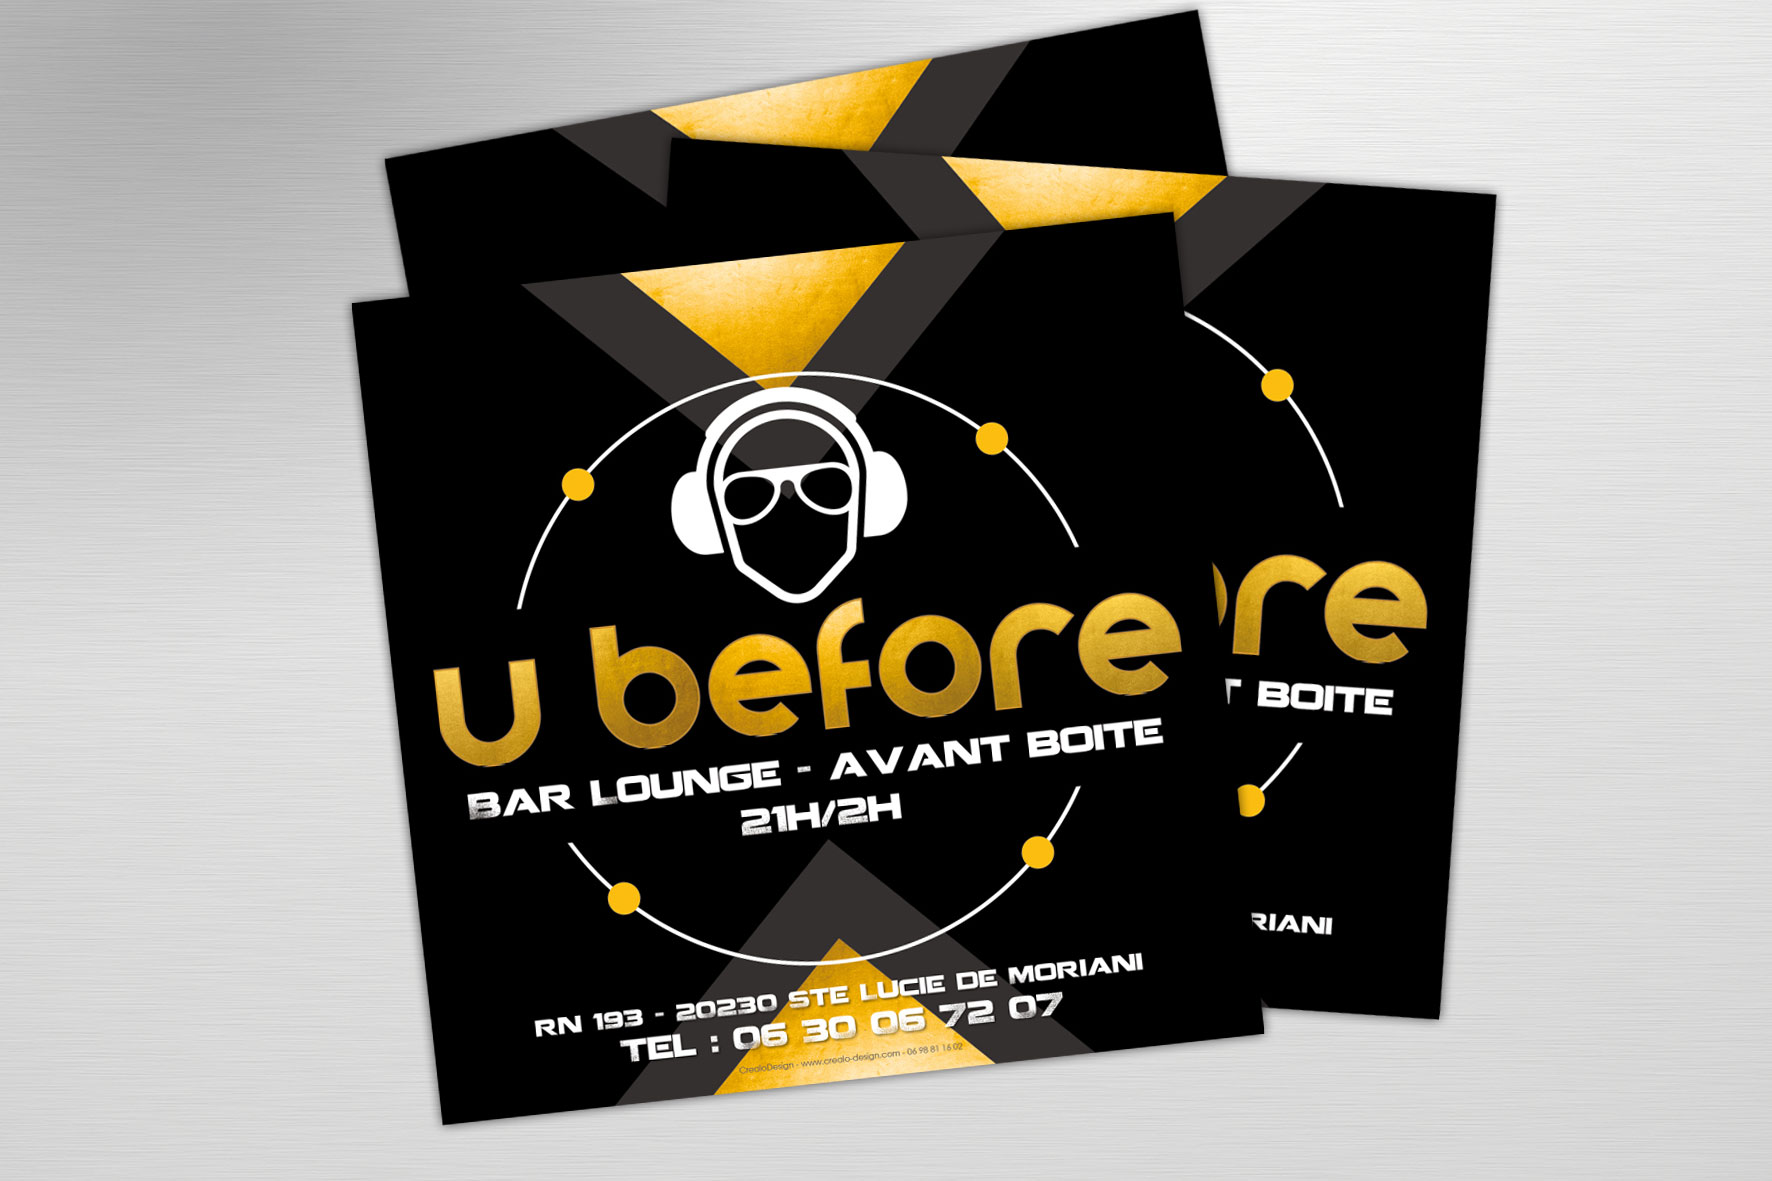 U before